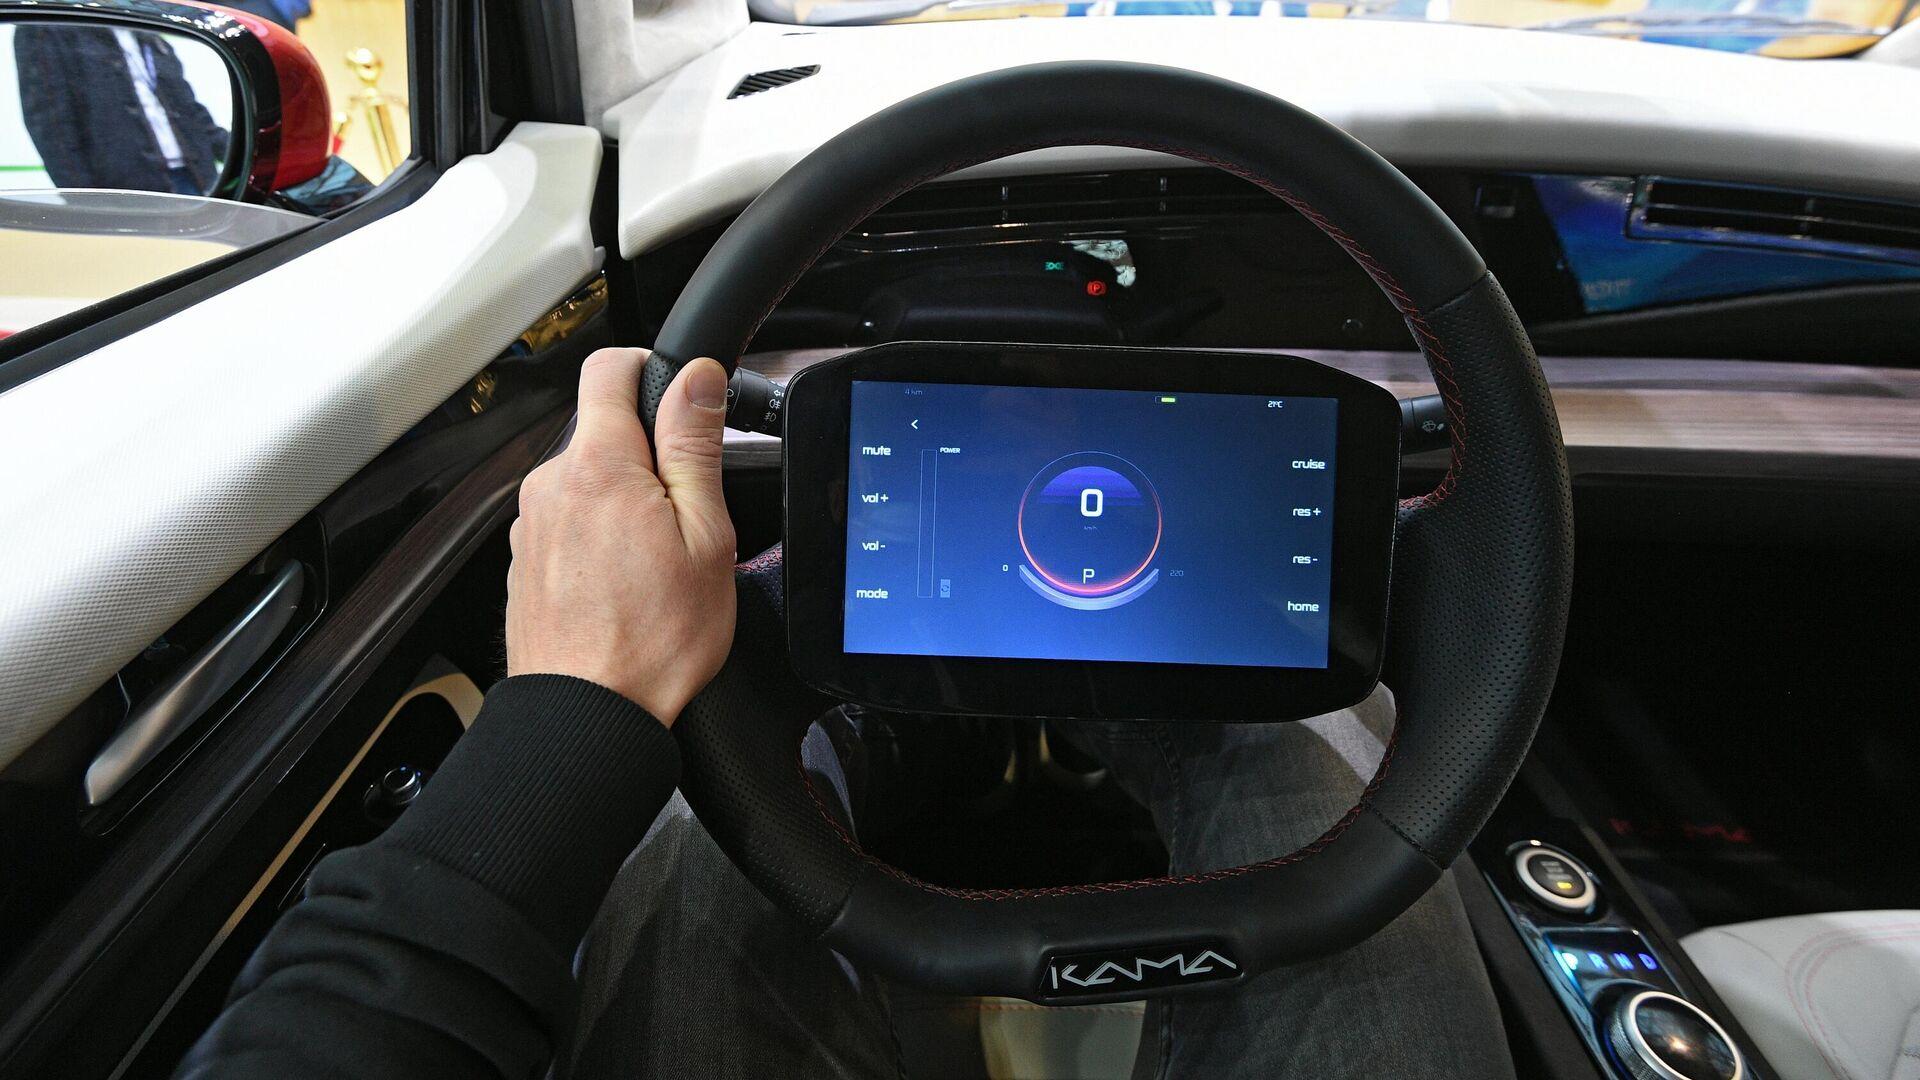 Дисплей бортового компьютера на руле электромобиля Кама-1, представленного на выставке ВУЗПРОМЭКСПО 2020 в Москве - РИА Новости, 1920, 25.05.2021